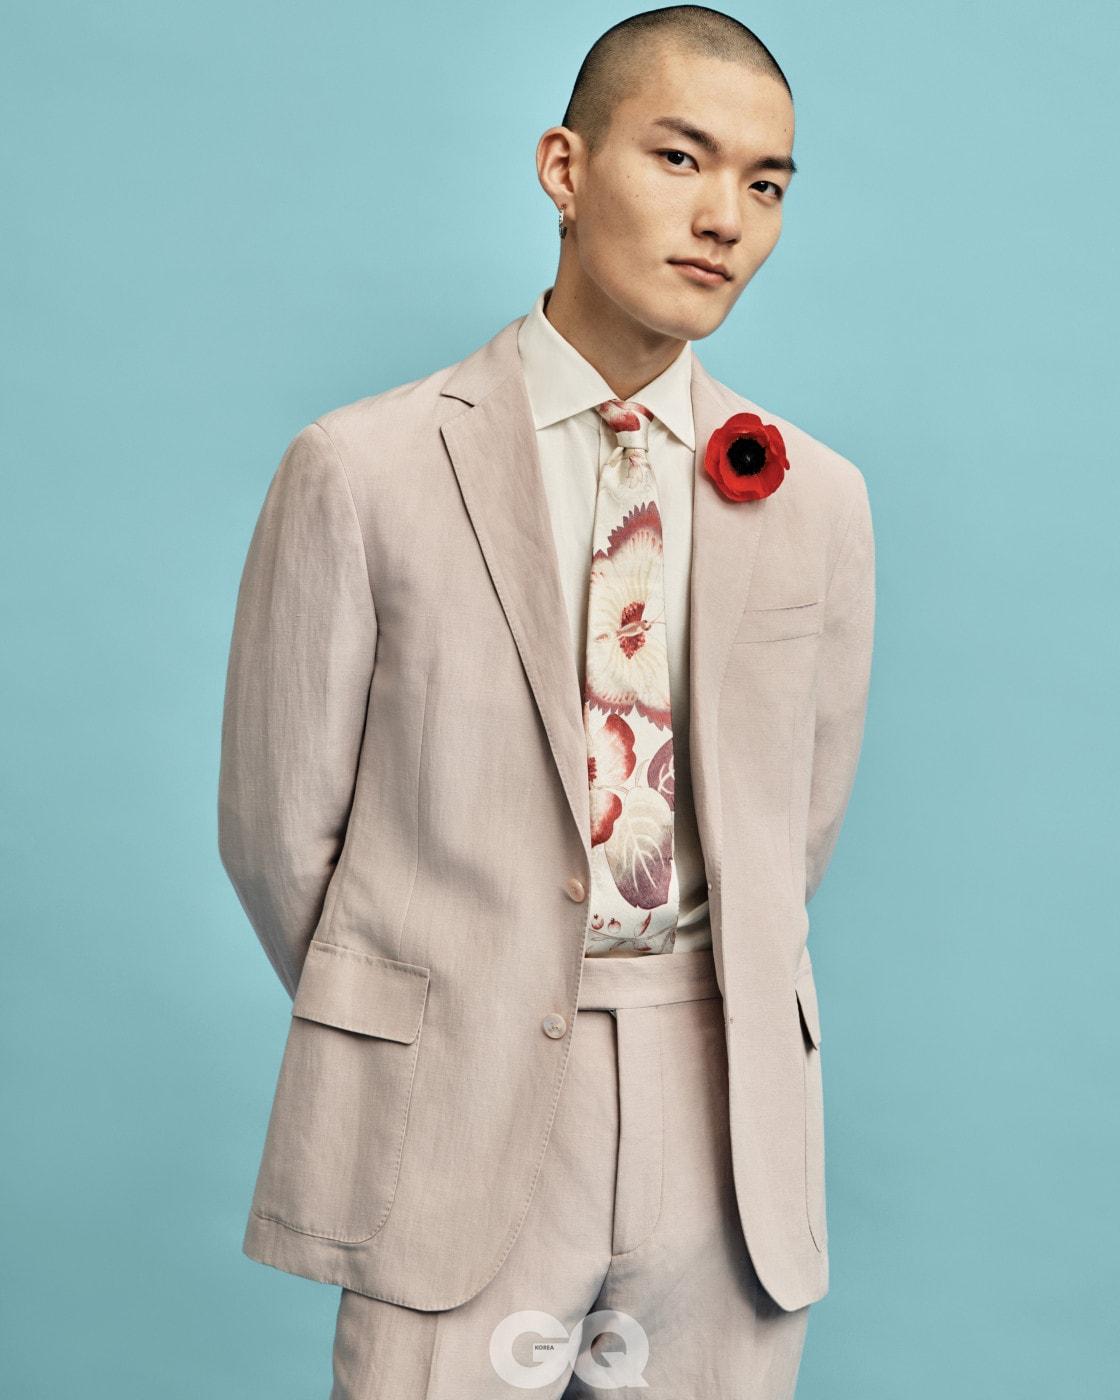 리넨 수트, 리넨 셔츠 가격 미정, 모두 랄프 로렌 퍼플 라벨. 꽃무늬 타이 가격 미정, 구찌. 링 귀고리 12만1천원, 불레또.